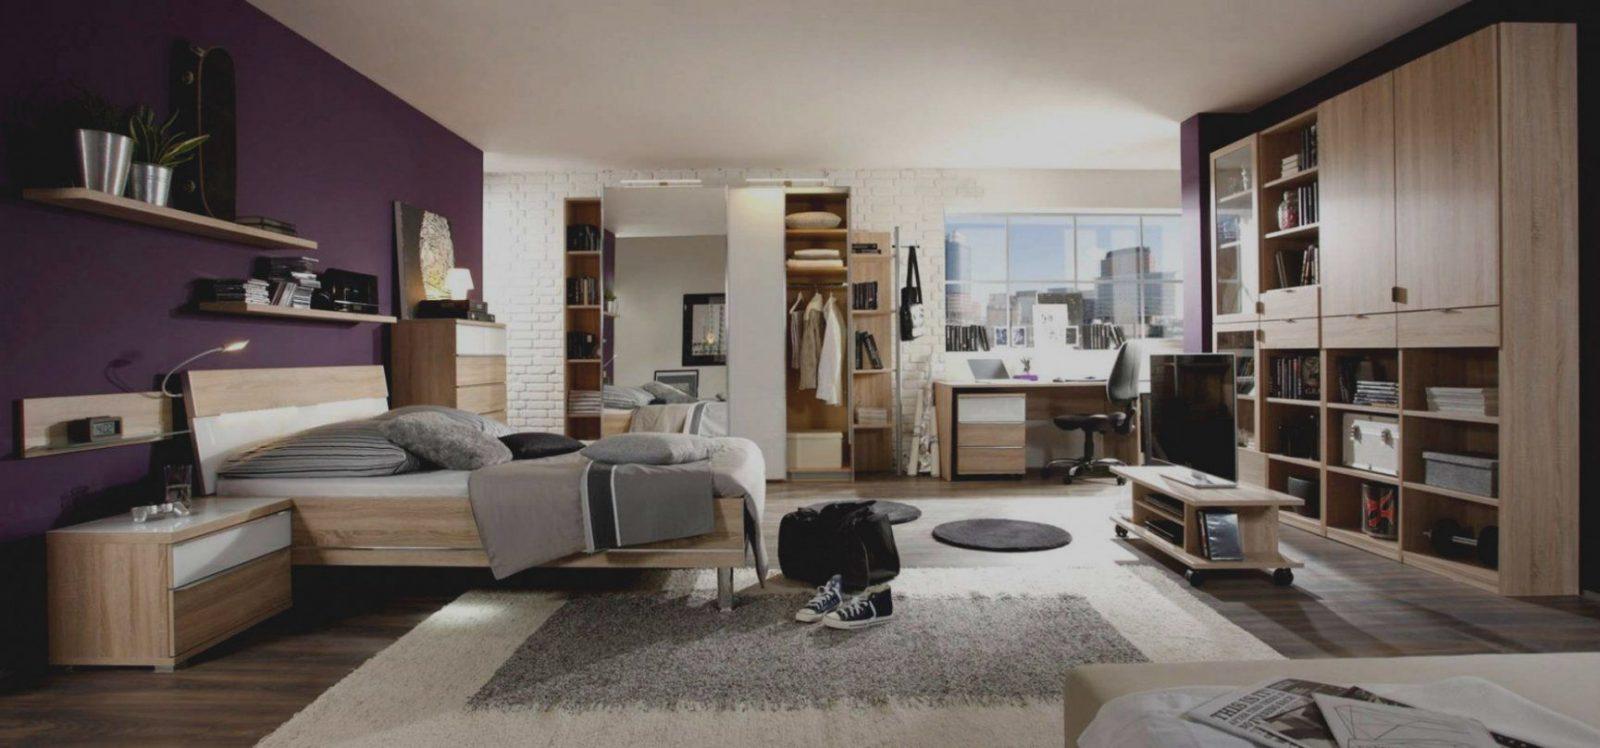 Erstaunlich 1 Zimmer Wohnung Einrichten Ikea Home Ideen  Punkvoter von 1 Zimmer Wohnung Einrichten Ideen Photo